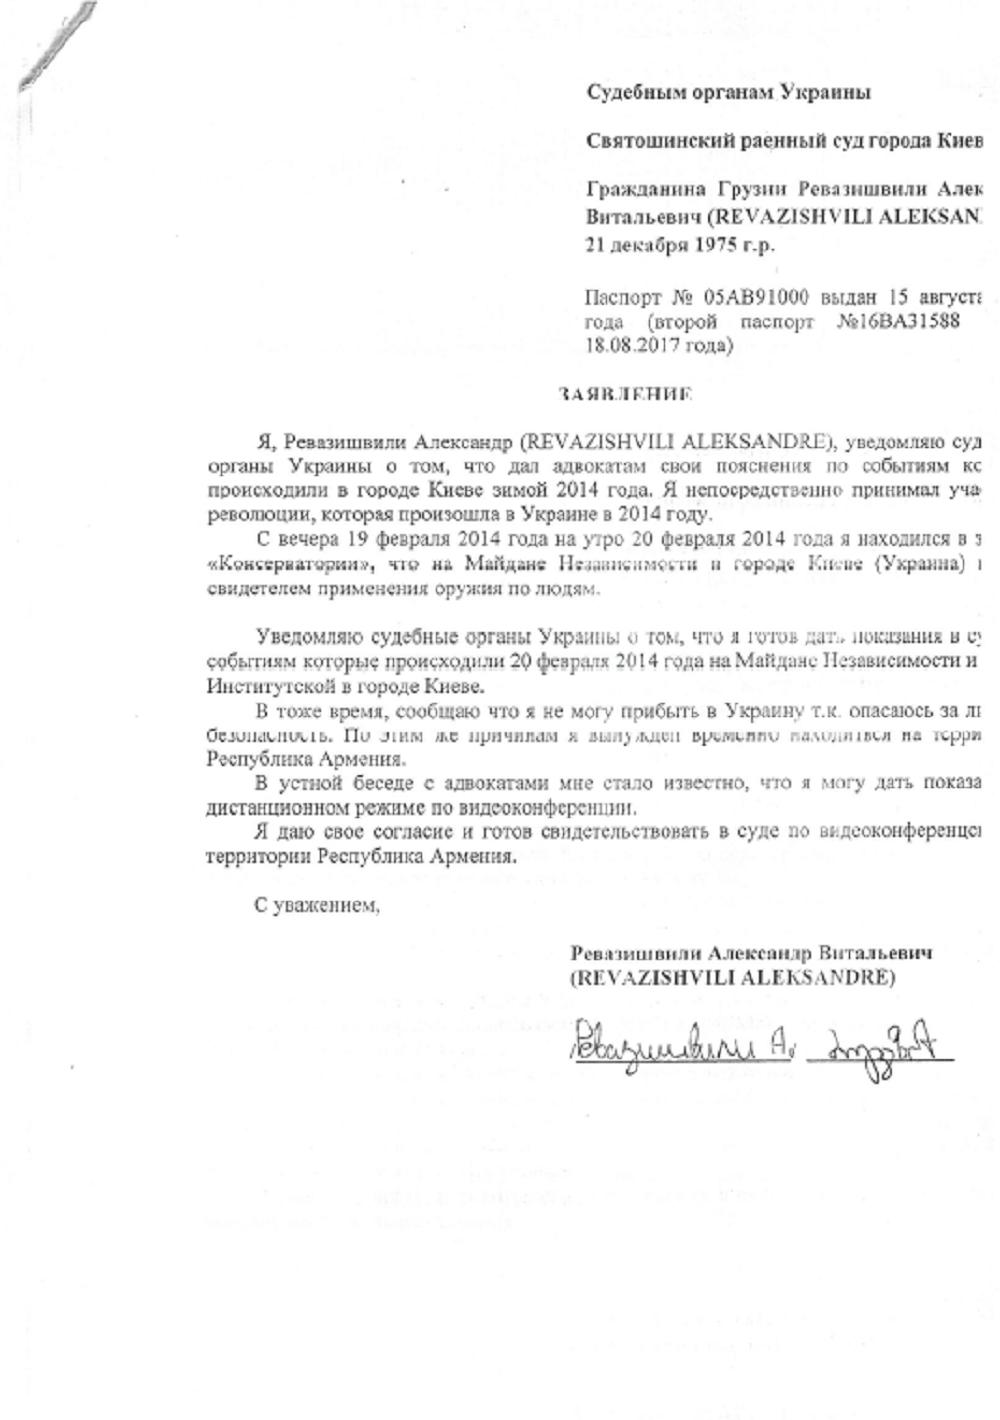 亚历山大·列瓦济拉什维利的证词。他愿意为此作证,但不是在乌克兰,原因是为自己的性命担忧。截屏上写的是,他愿意通过电视会议从亚美尼亚在法庭上作证。他目前在亚美尼亚。